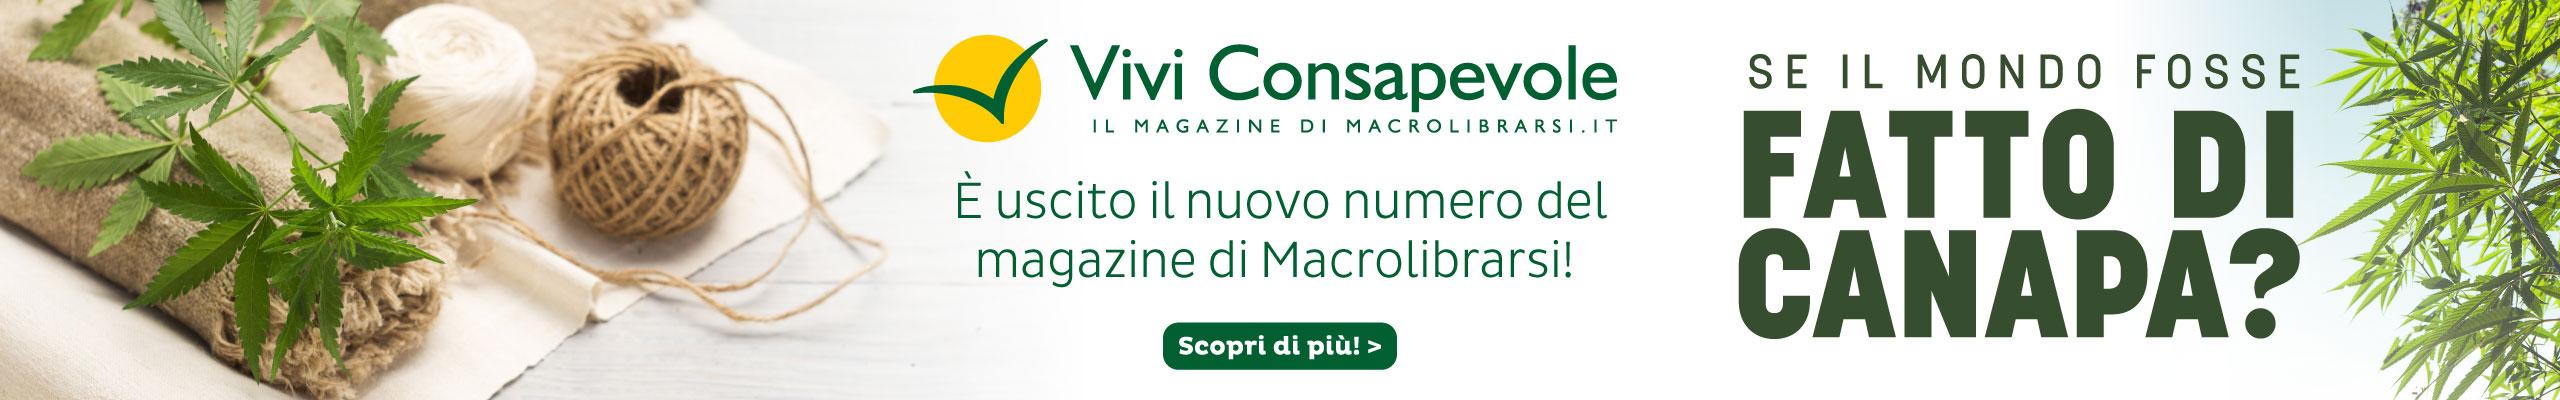 Macrolibrarsi | eCommerce n°1 in Italia per il benessere di